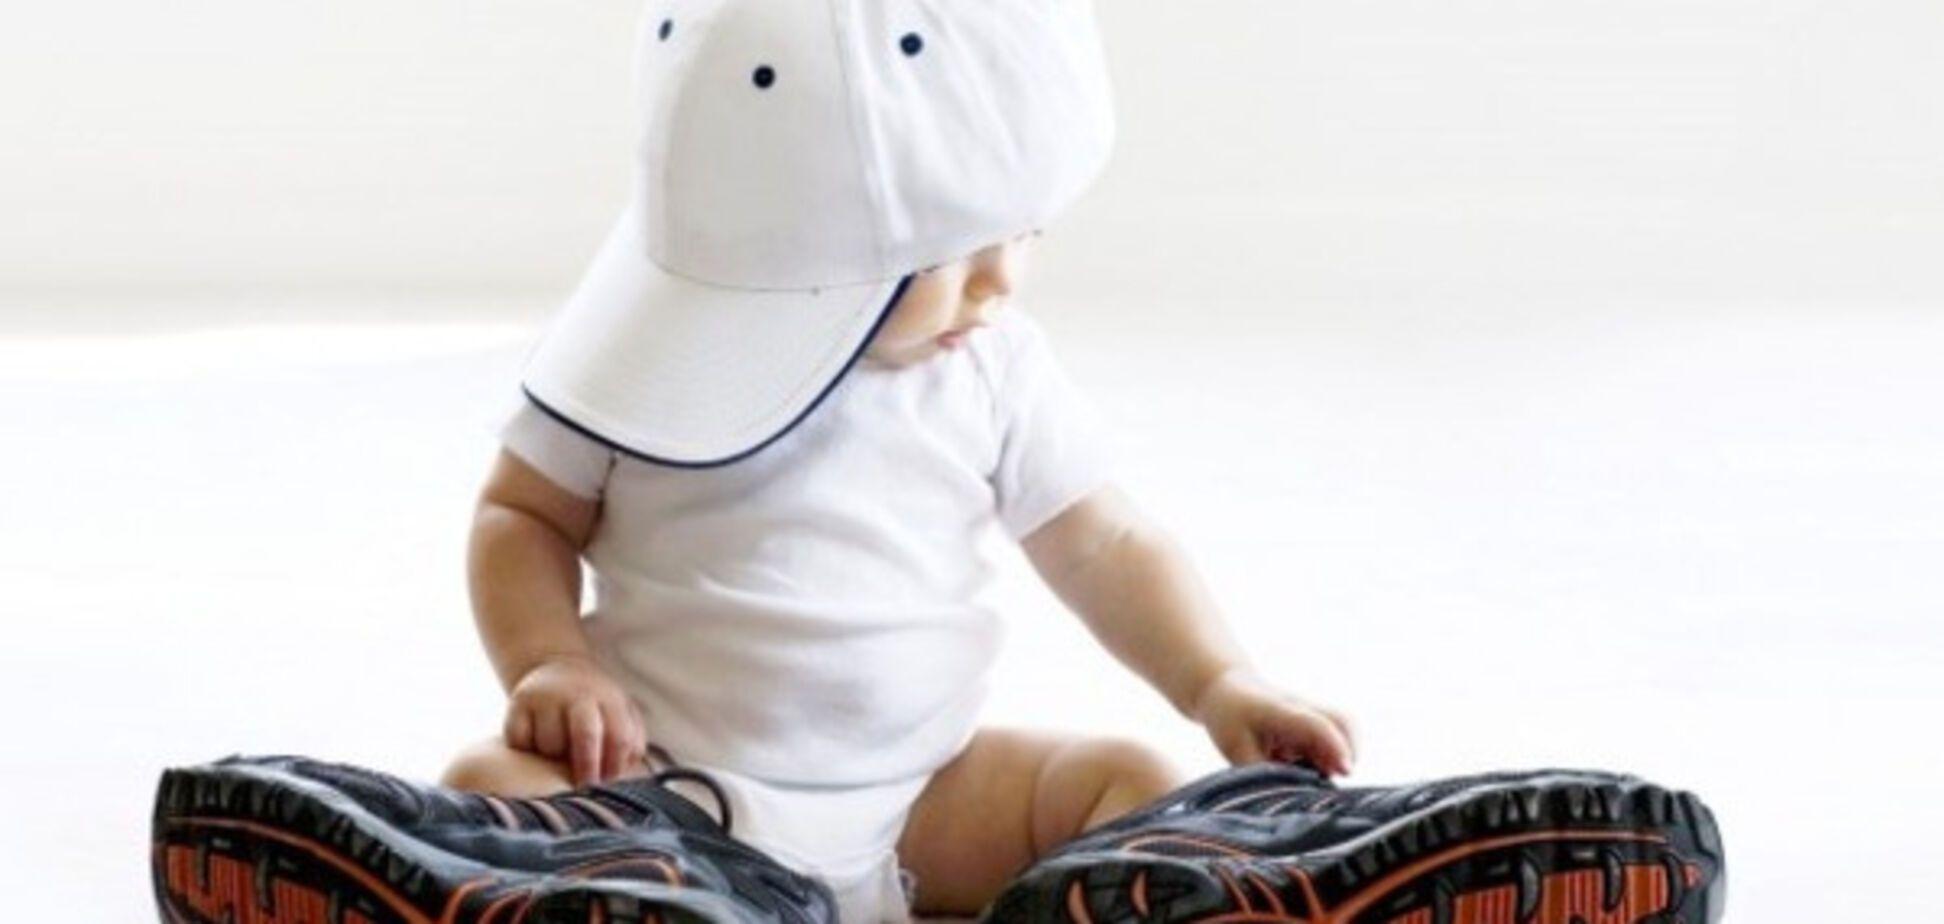 Як правильно вибрати взуття дитині: поради батькам